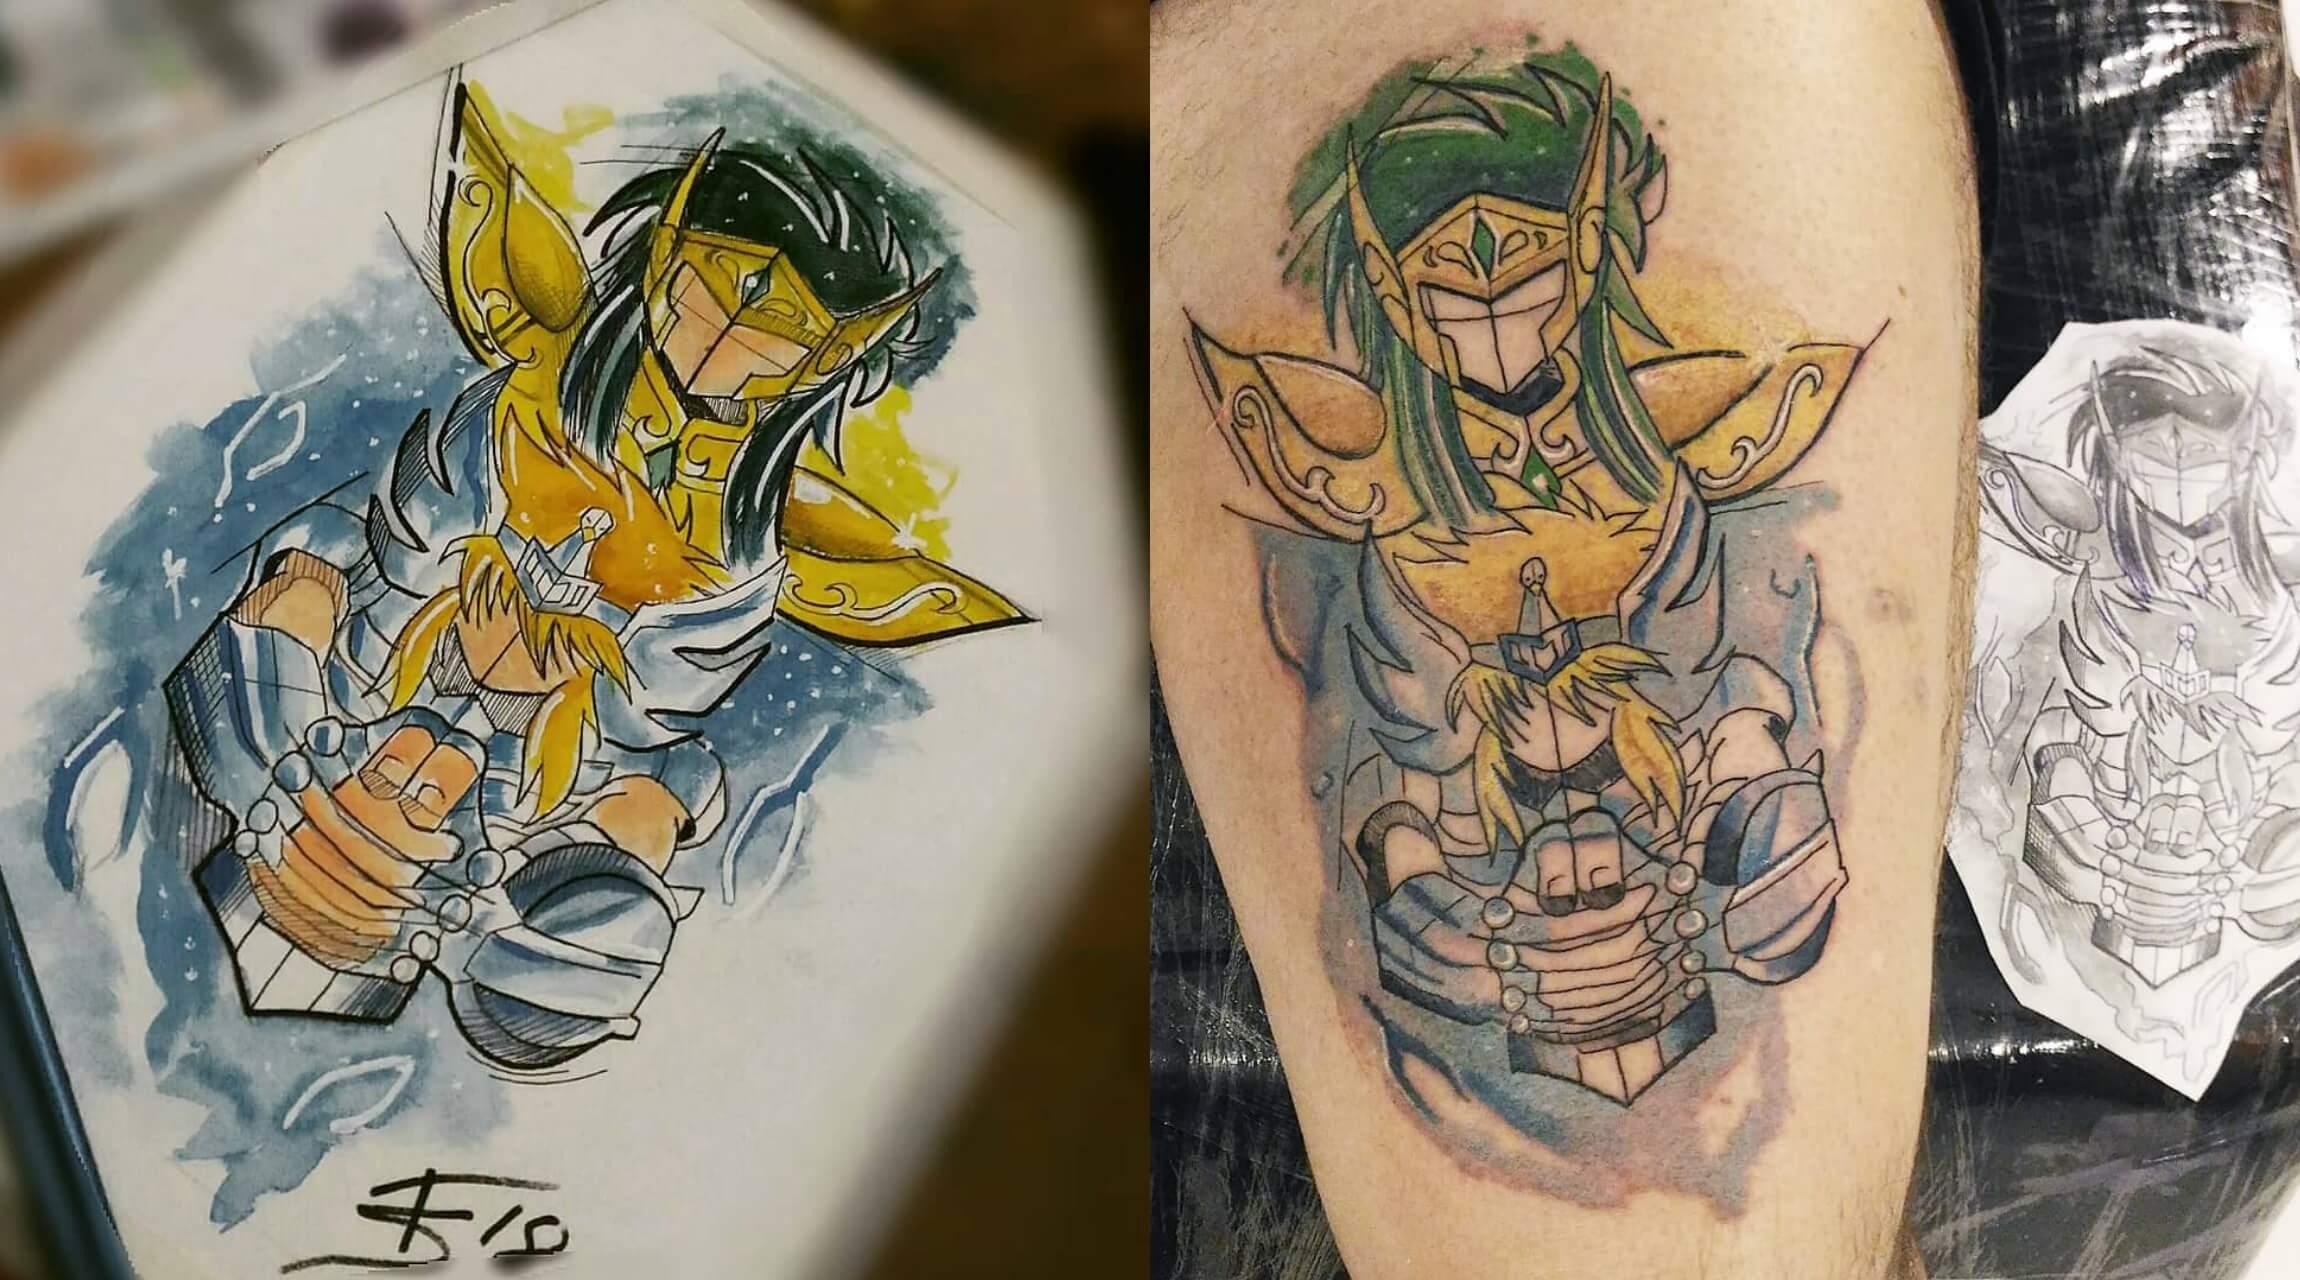 Cavaleiros do Zodíaco | A paixão que incentivou um dos maiores tatuadores do País